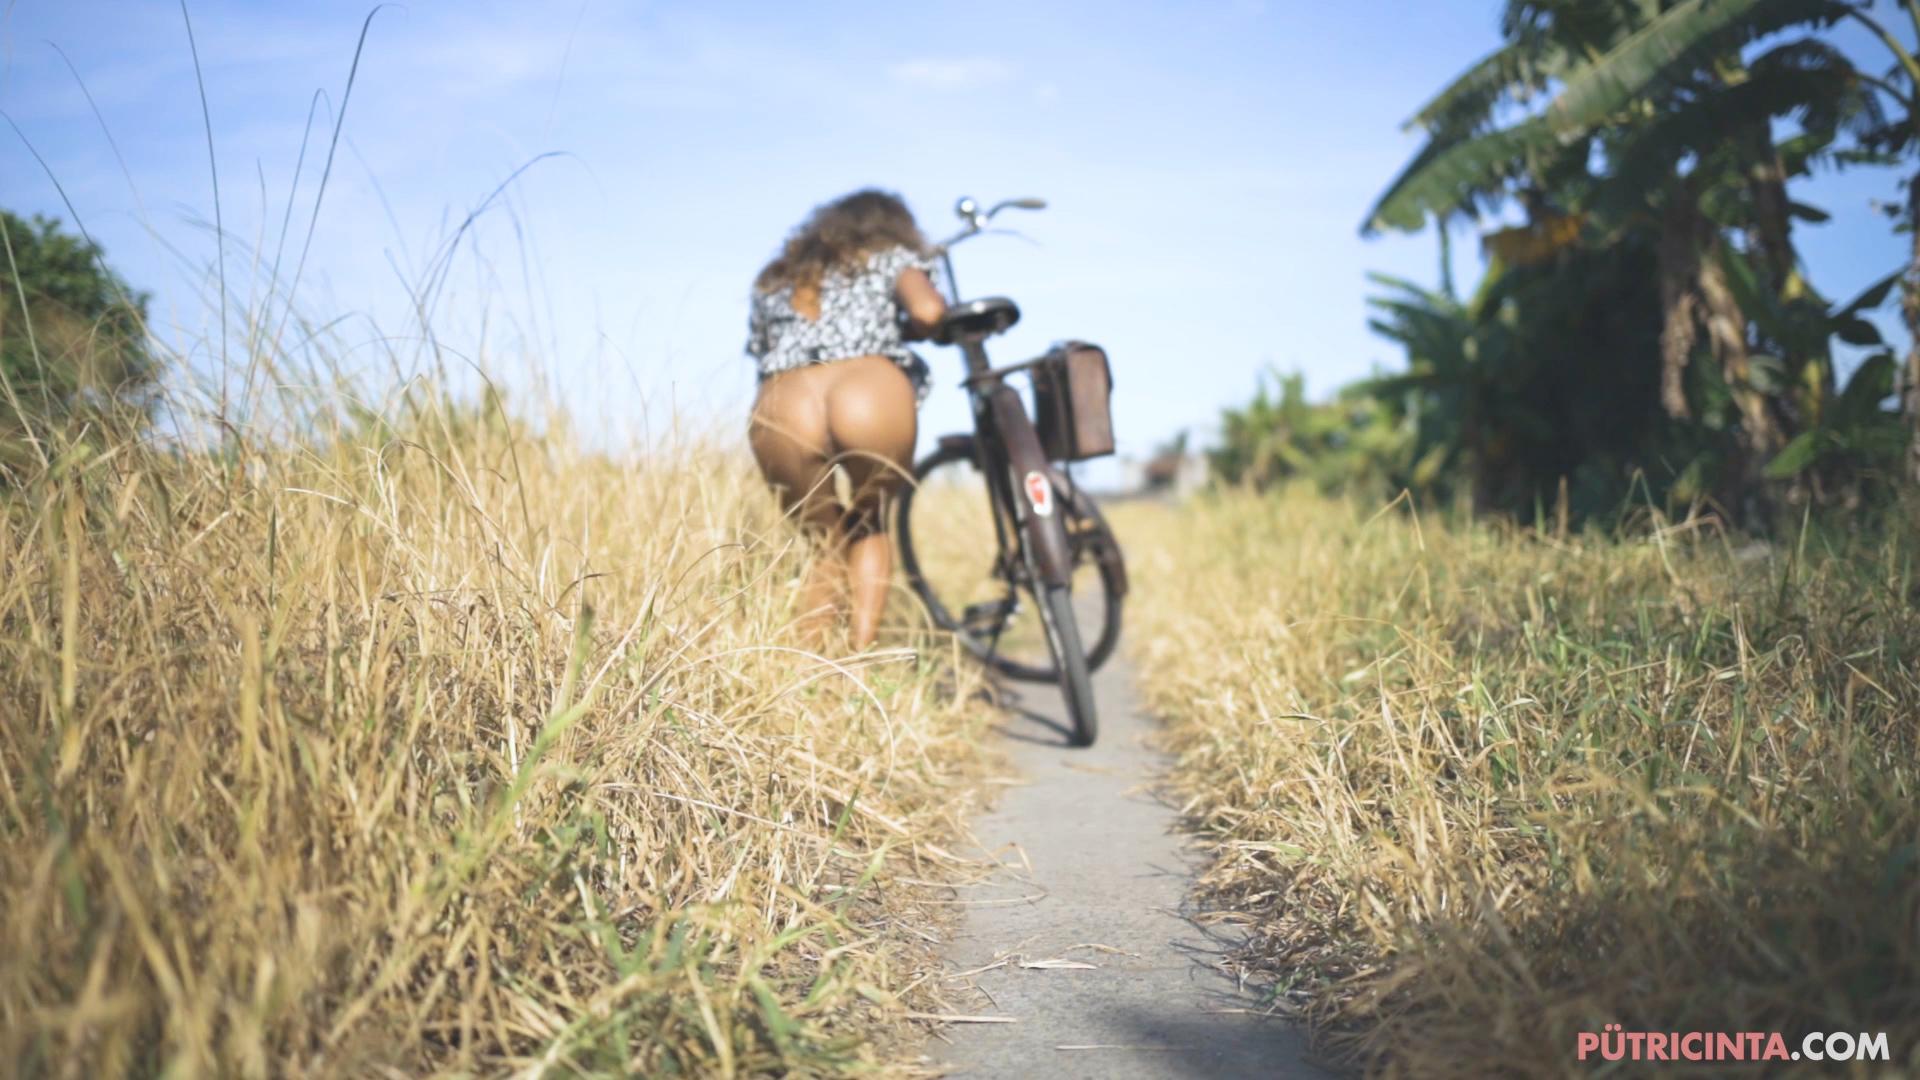 024-cyclingcommando-Putri-Cinta-BTS-stills-19.jpg